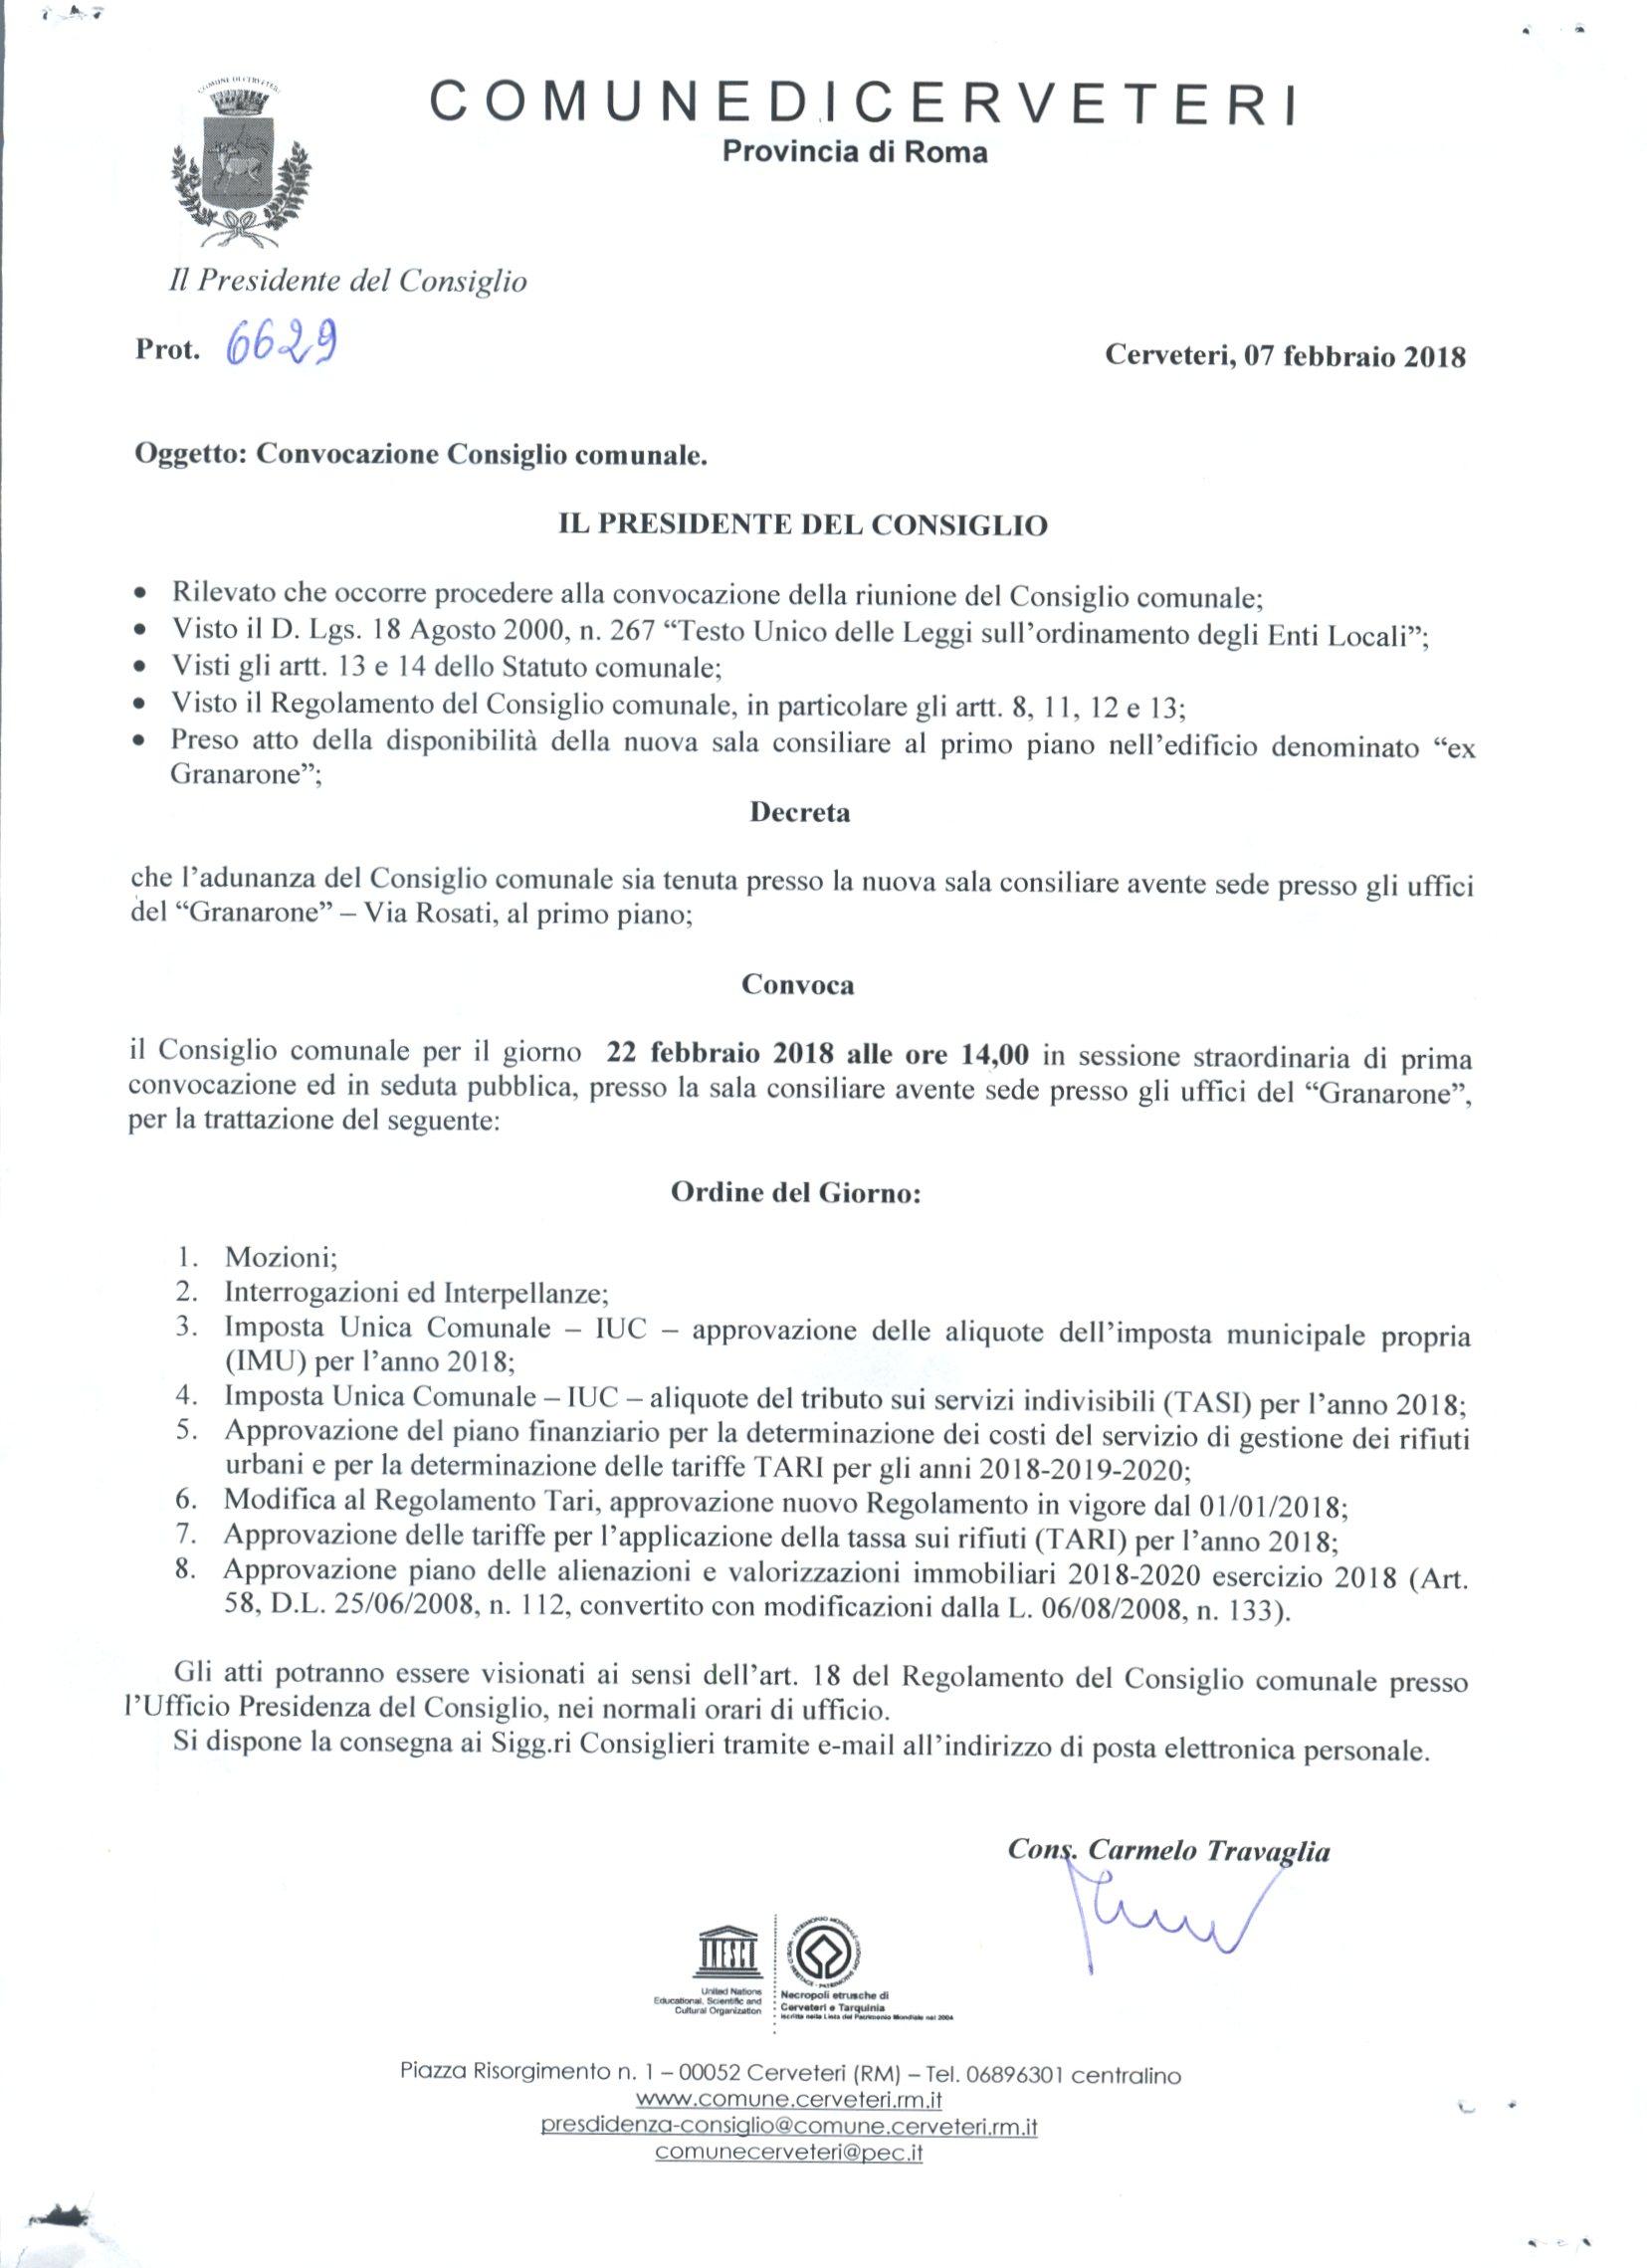 Convocazione Consiglio Comunale del 22/02/2018